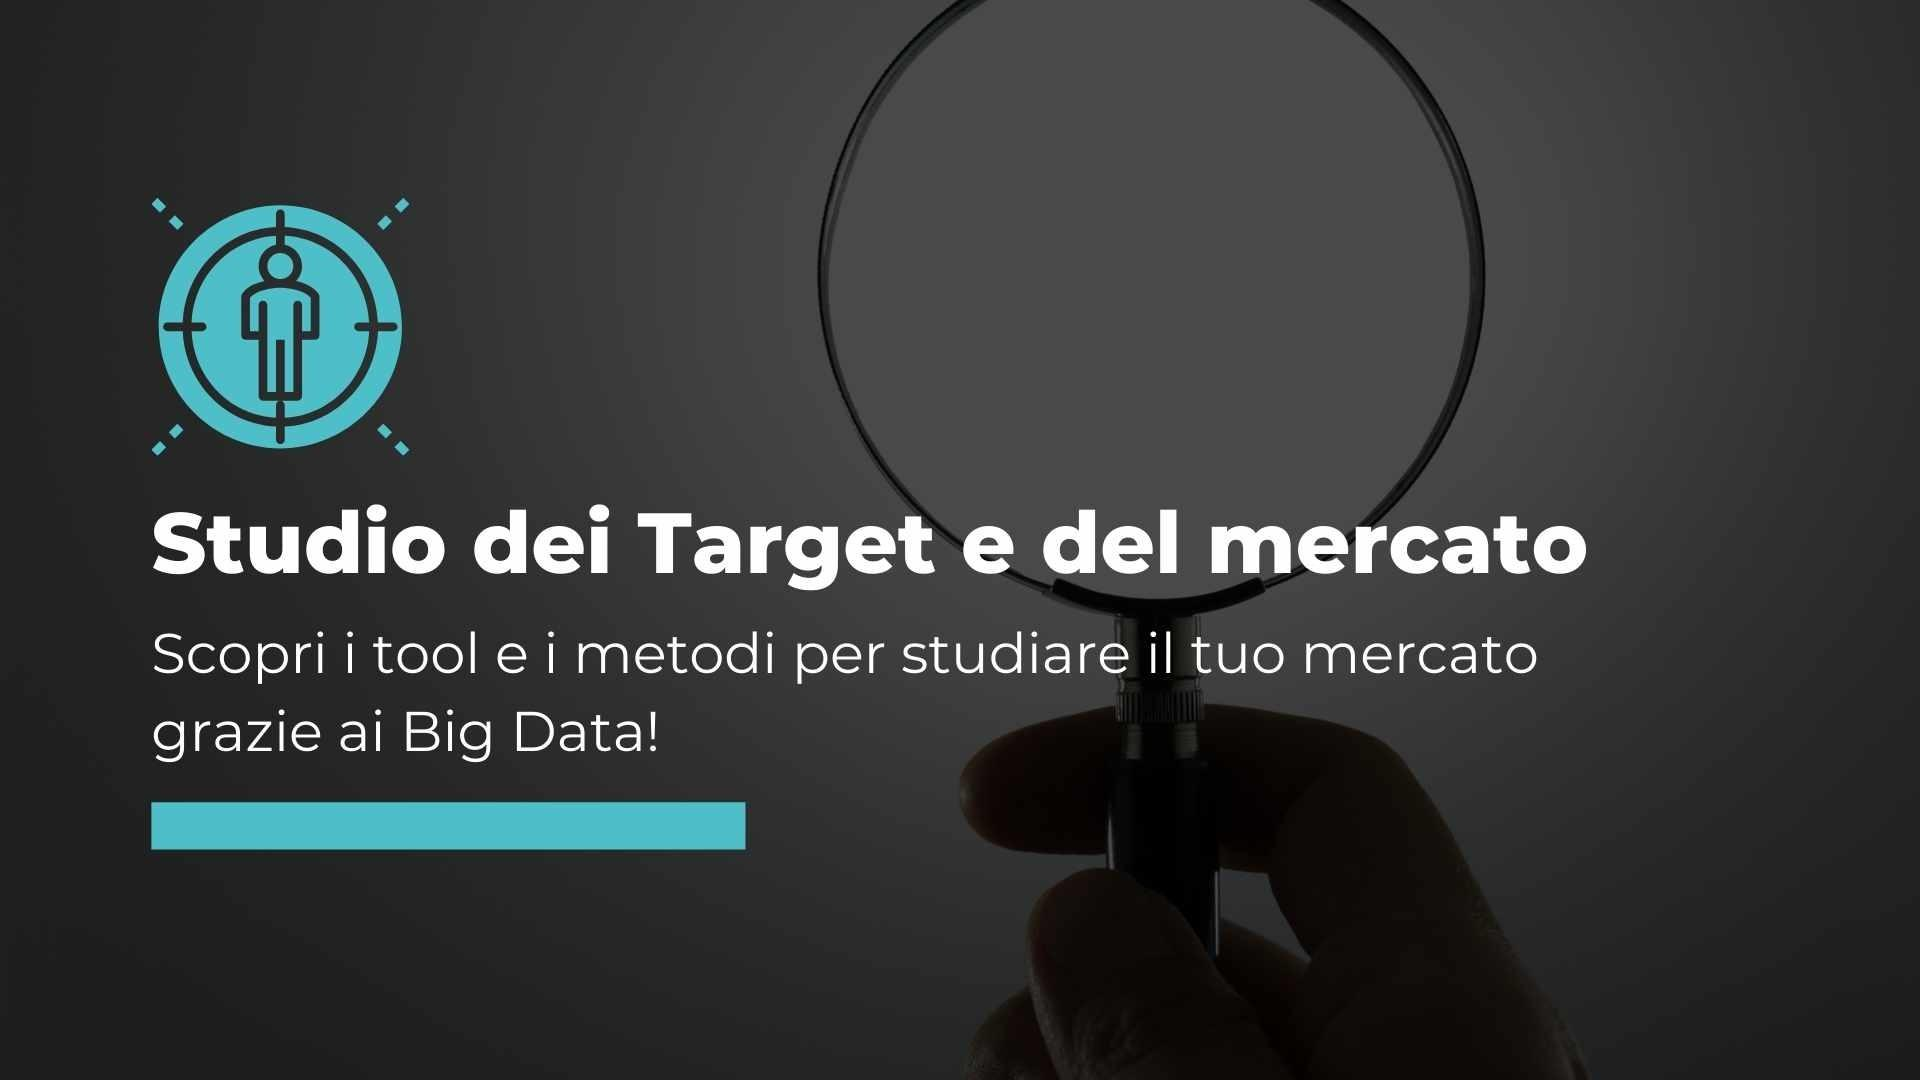 corso studio target online